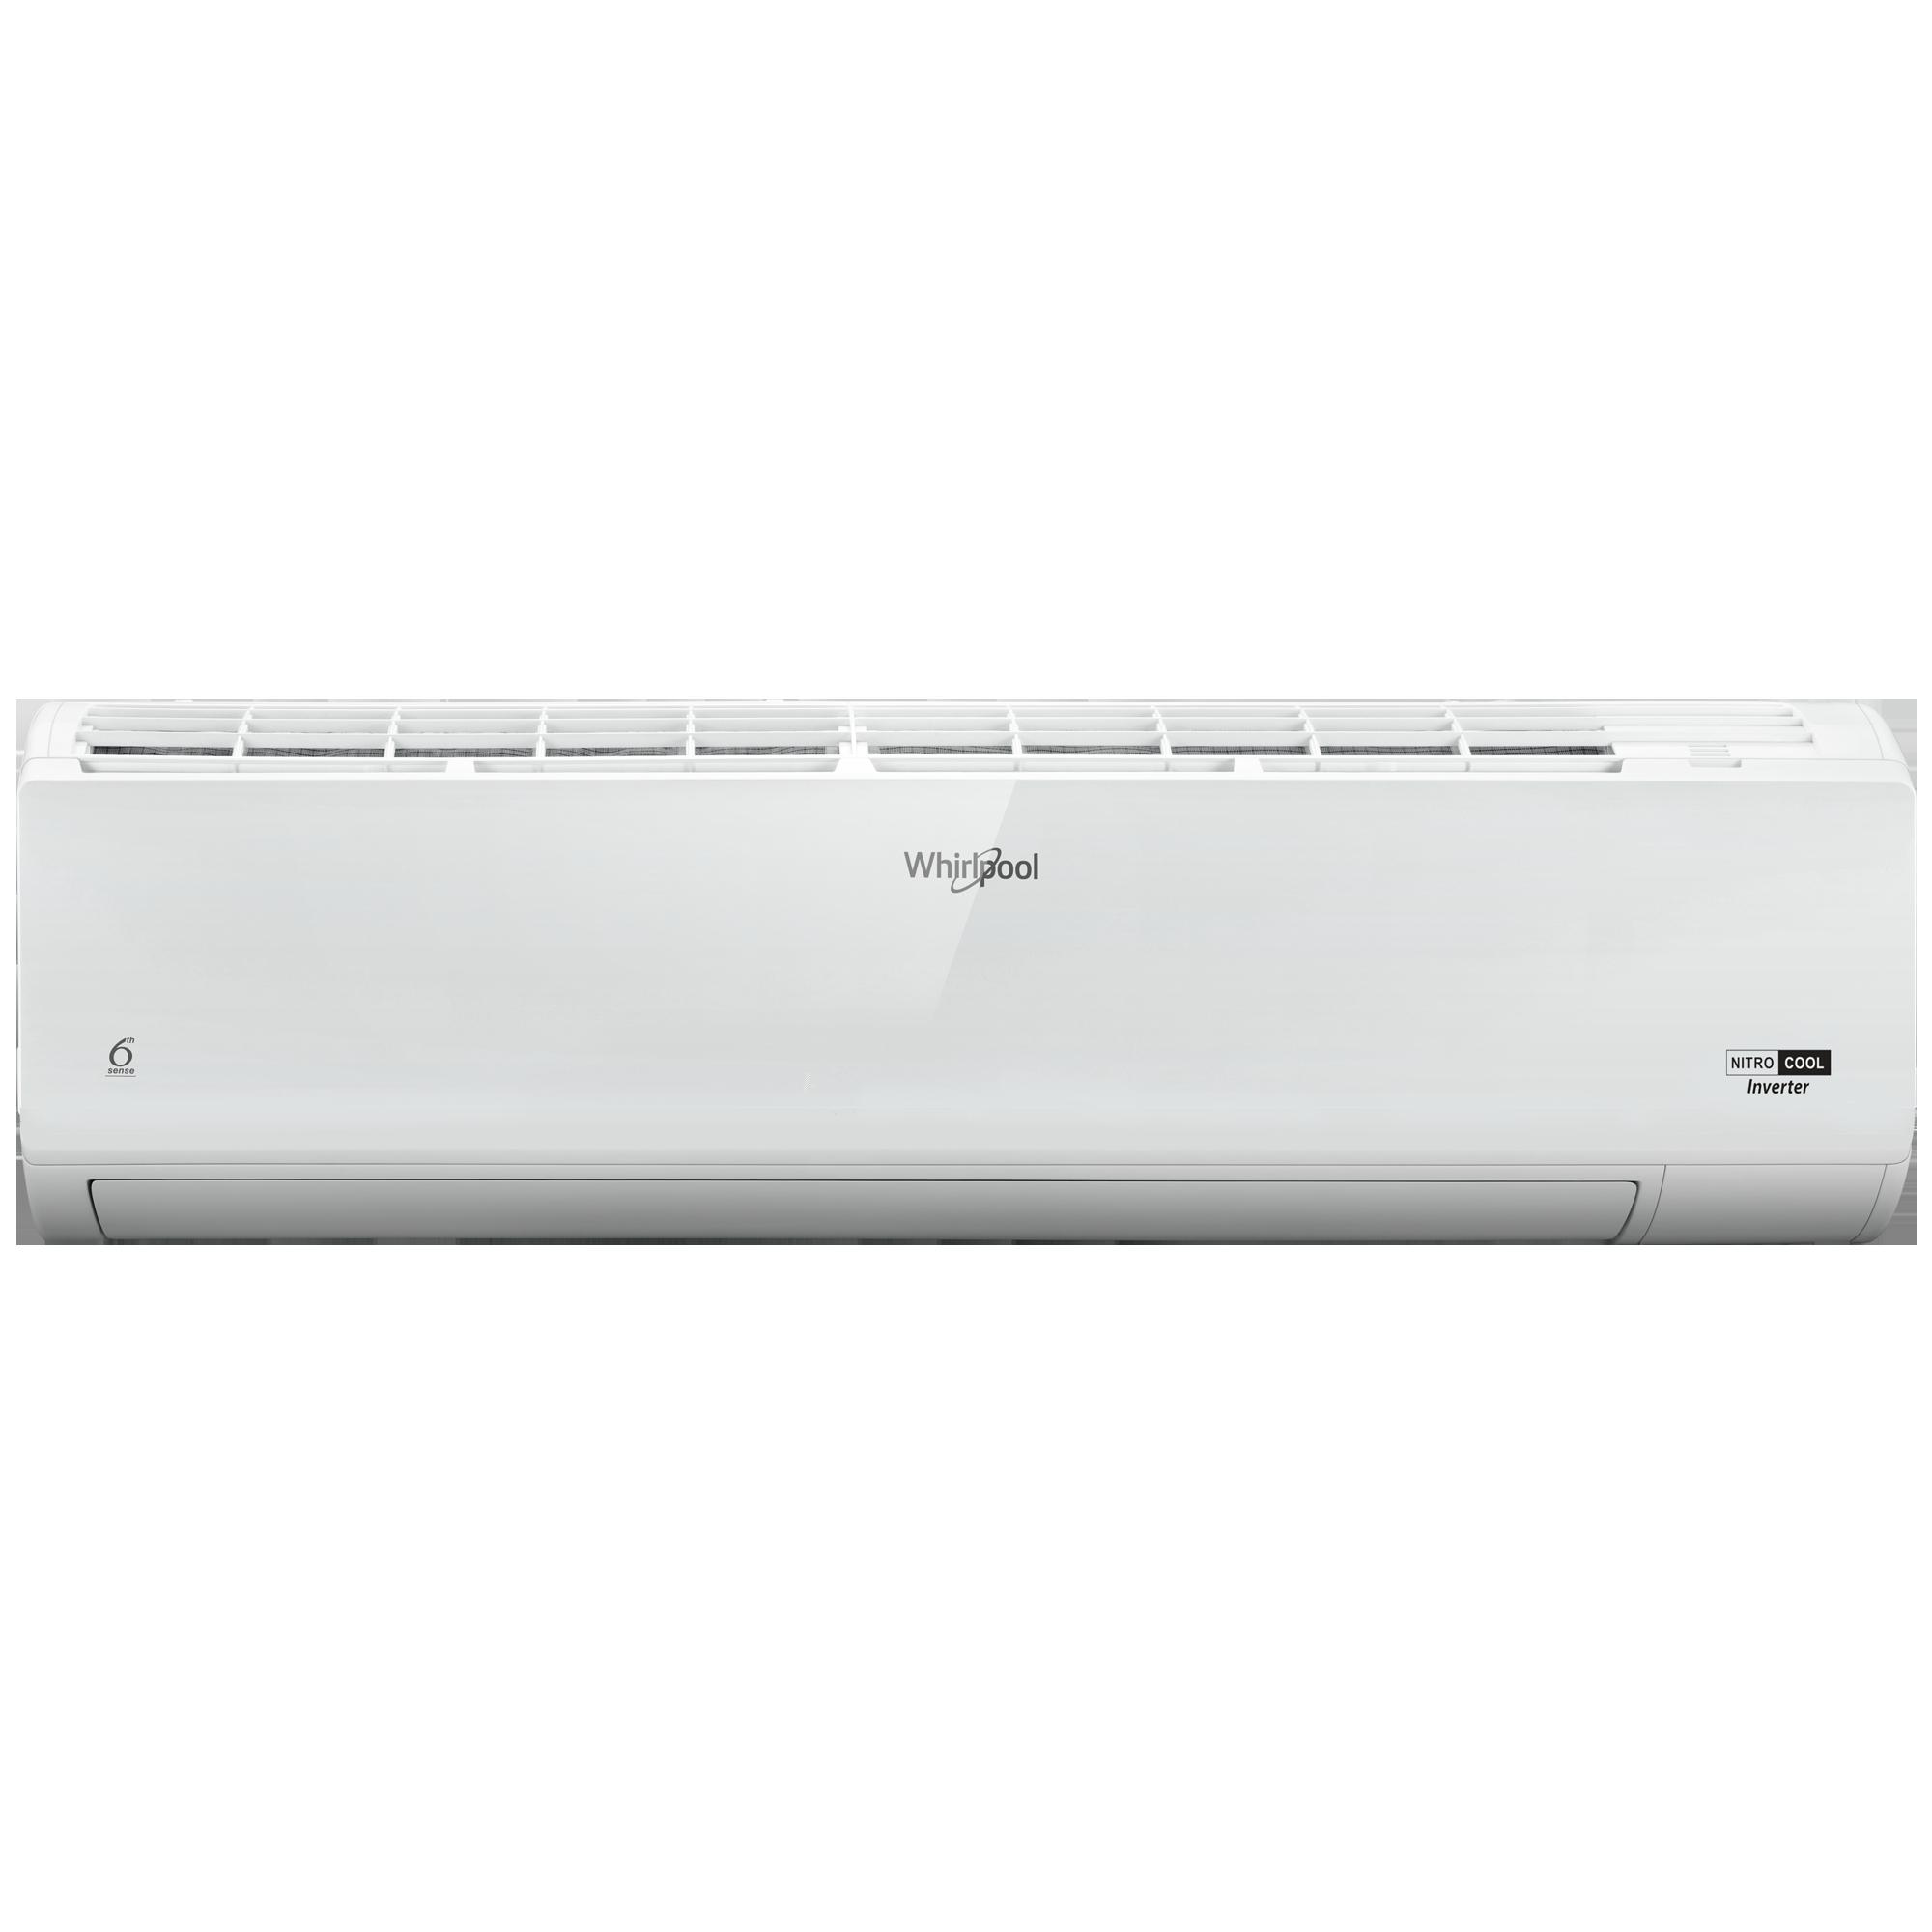 Whirlpool Nitrocool Pro 1.5 Ton 5 Star Inverter Split AC (4-in-1 Convertible, Copper Condenser, SAI18B50MC0, White)_1